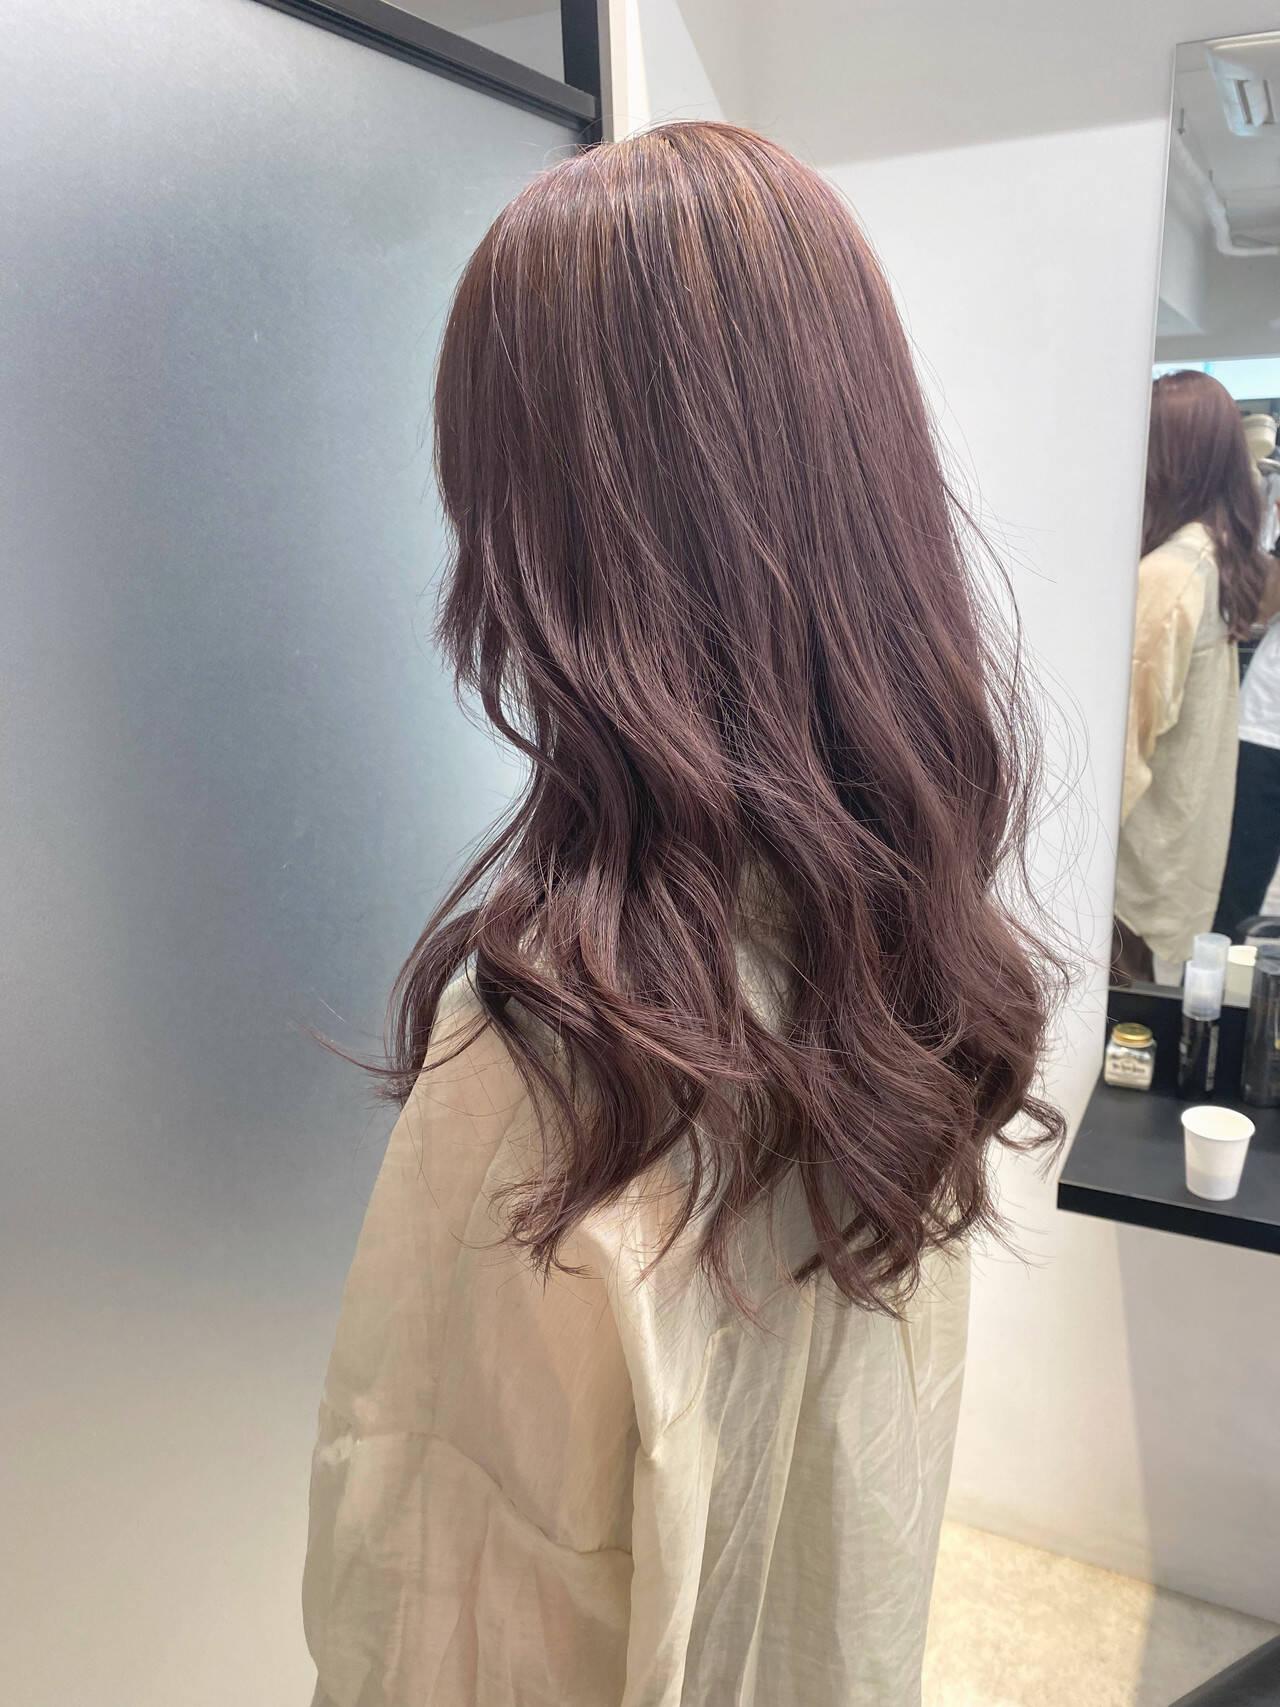 ピンクアッシュ ダブルカラー ロング インナーカラーヘアスタイルや髪型の写真・画像